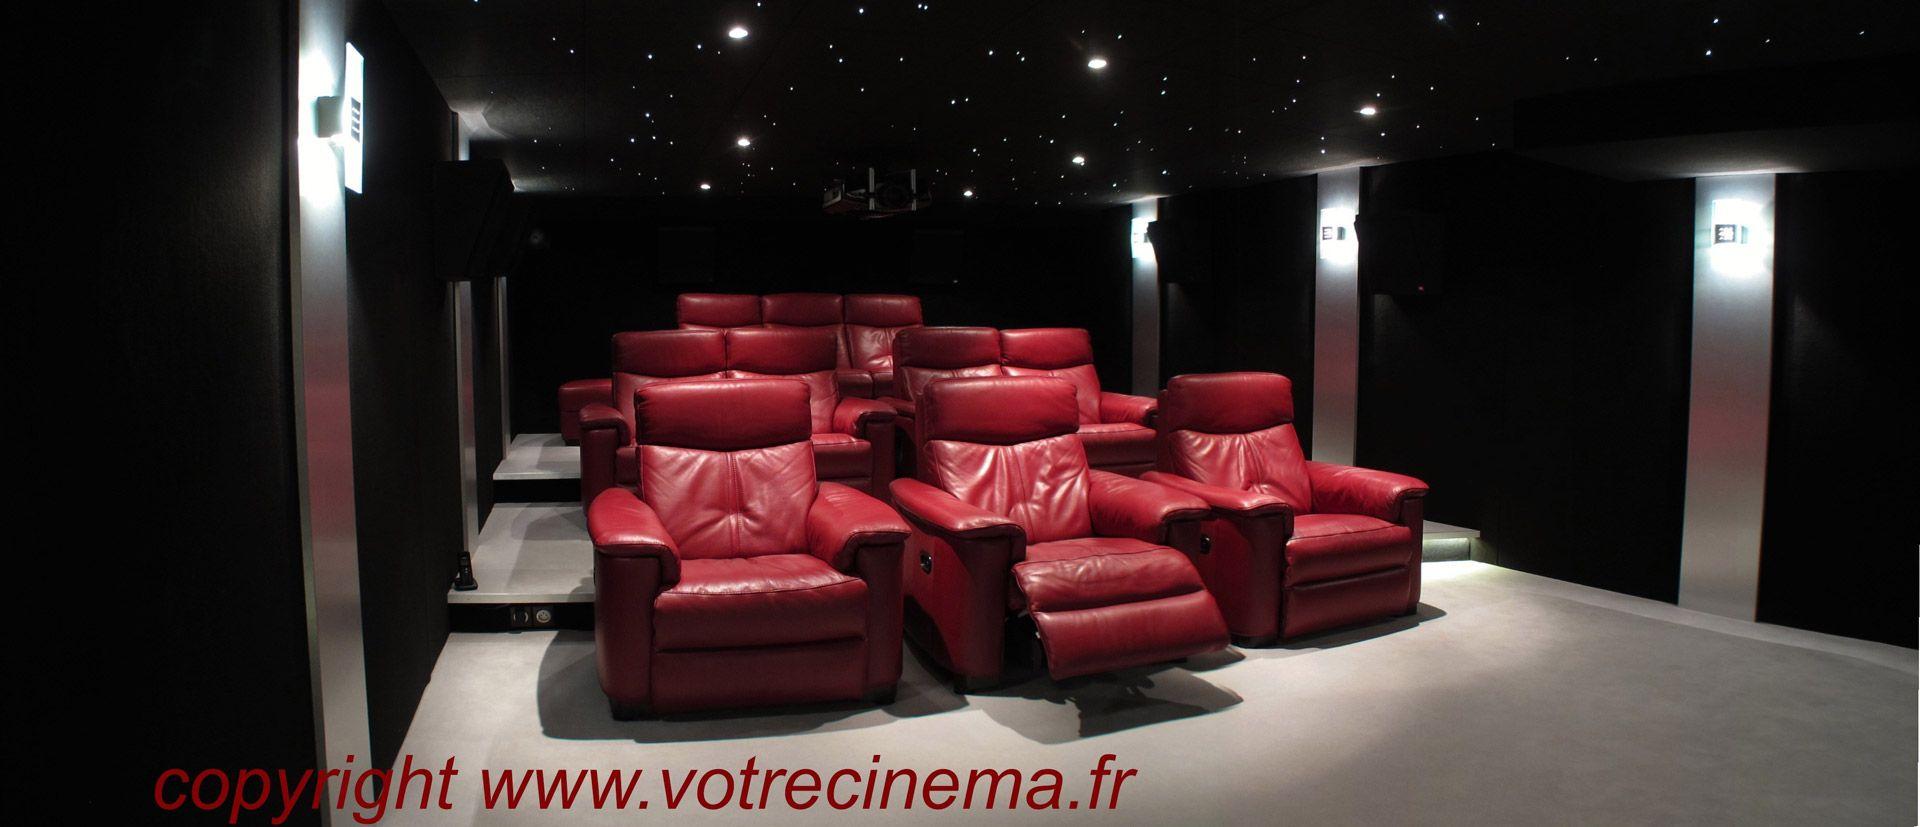 Salle home cinma maison salle de cinema maison lyon lie - Home cinema lyon ...